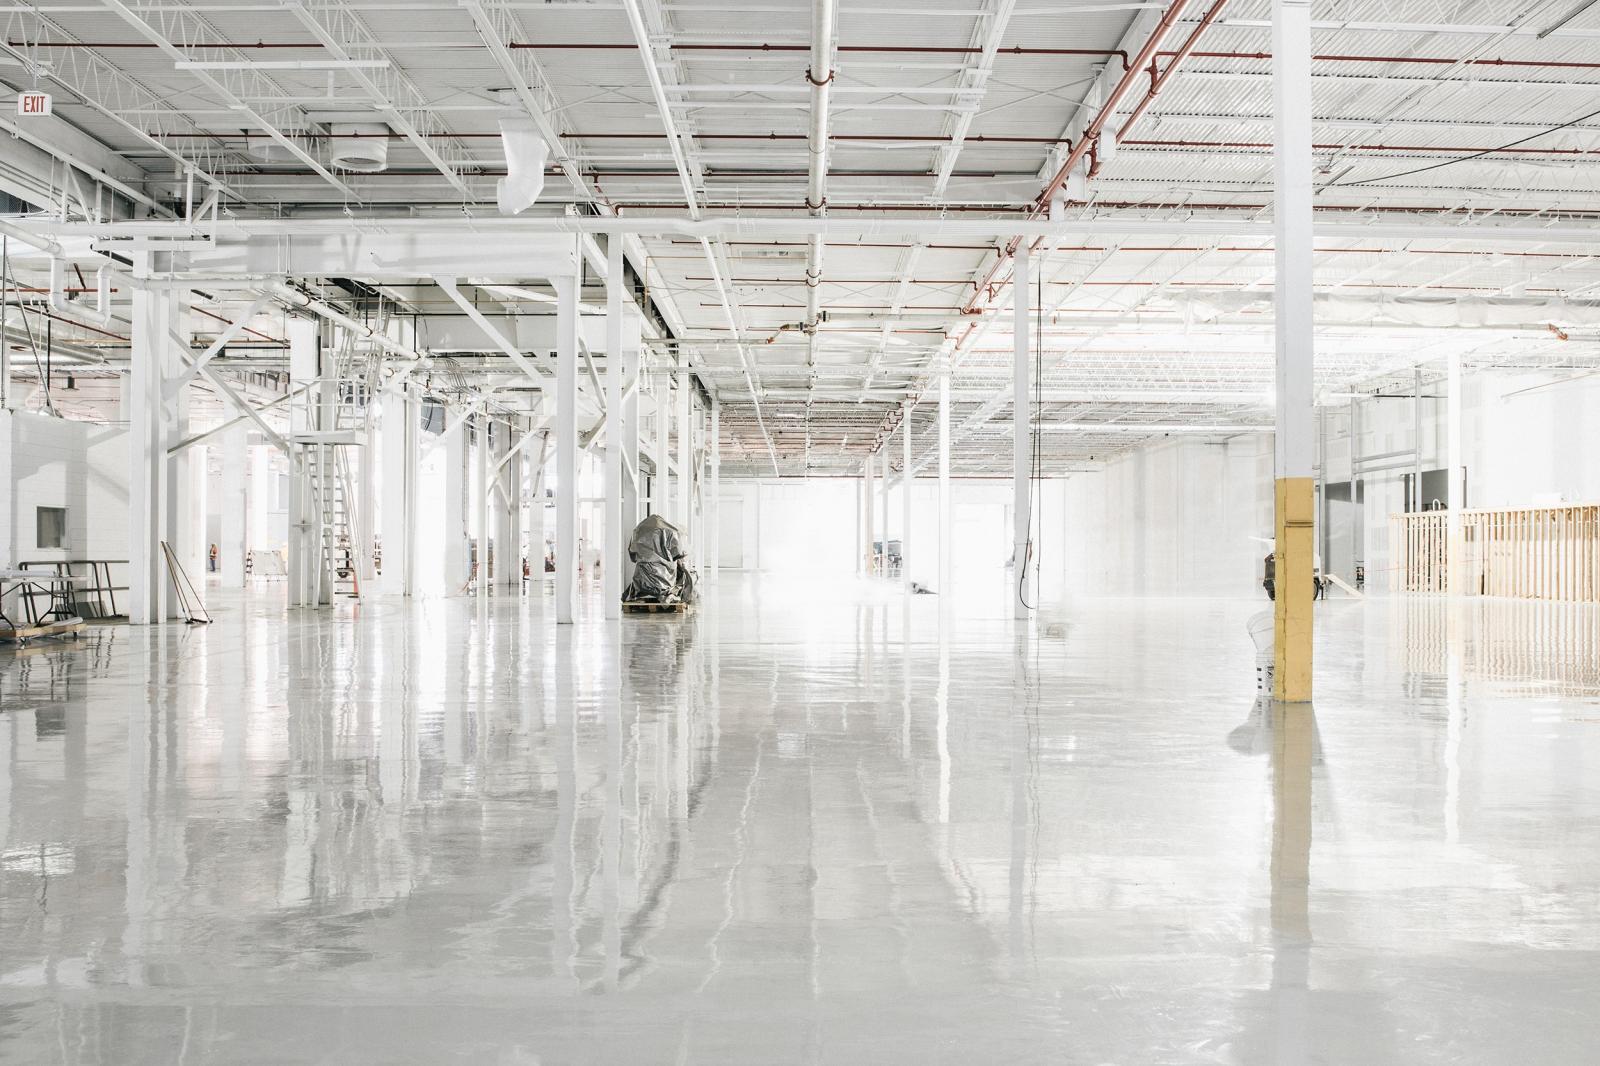 Faraday Future instalaciones